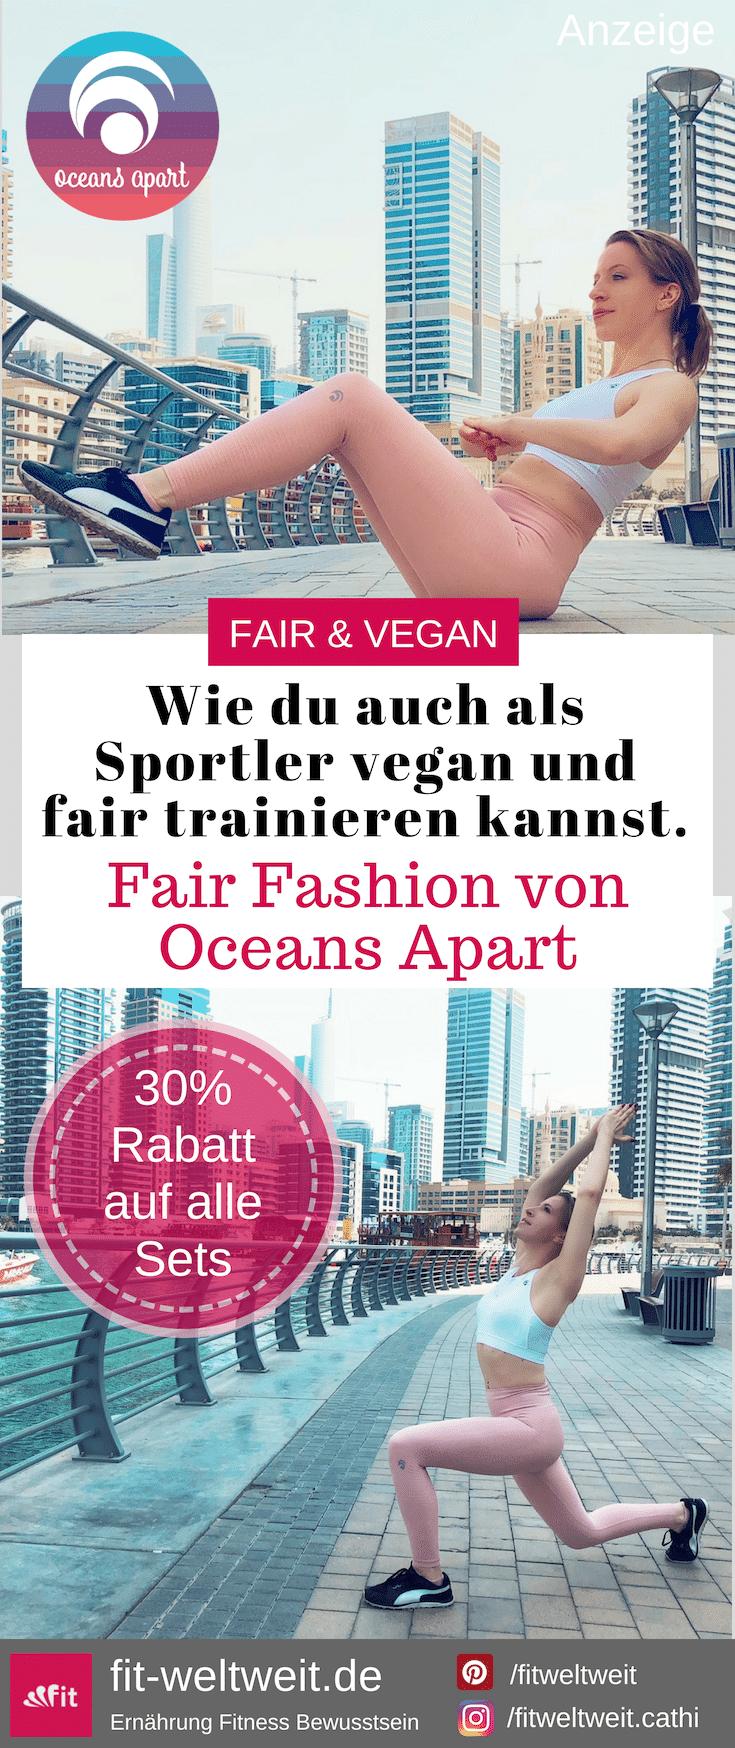 """#FAIRFASHION #VEGANFASHION #Fair #Fashion #OceansApart #vegan #veganwear #Leggings OCEANS APPART vegane Active Wear - Funktionskleidung. Nachhaltig produziert zu fairen Handelsbedingungen. Gutschein 2018: Auf den gesamten Shop20 % Rabatt mit dem Gutscheincode """"cathi20"""". 30 % Rabattauf alle Oceans Apart Sets mit dem Gutscheincode """"cathiset"""". WOW ! Und zu jeder Bestellung ab 80,00€ gibt es mit """"cathimoon"""" eine Moonlight Pants im Wert von 89,00€ gratis dazu !"""